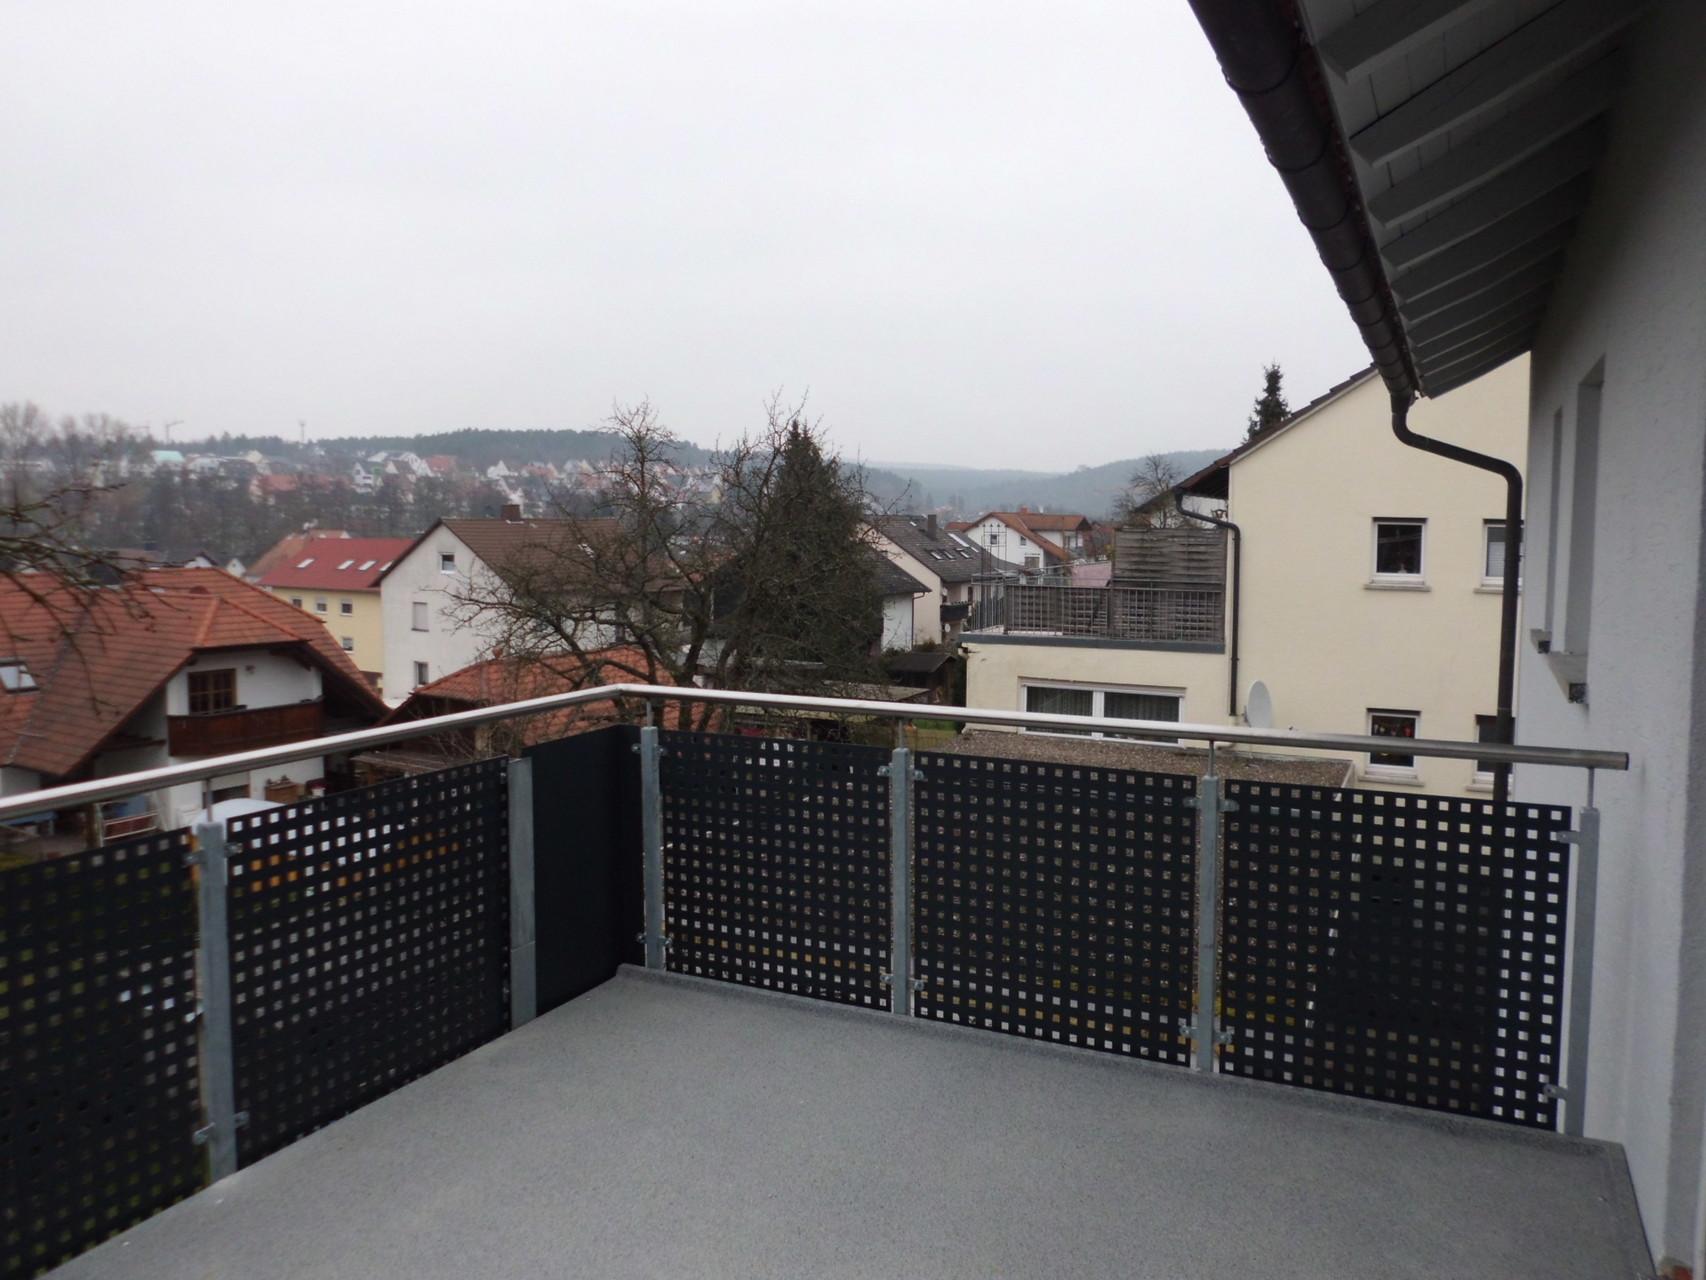 ETW in Sulzbach (Balkon)